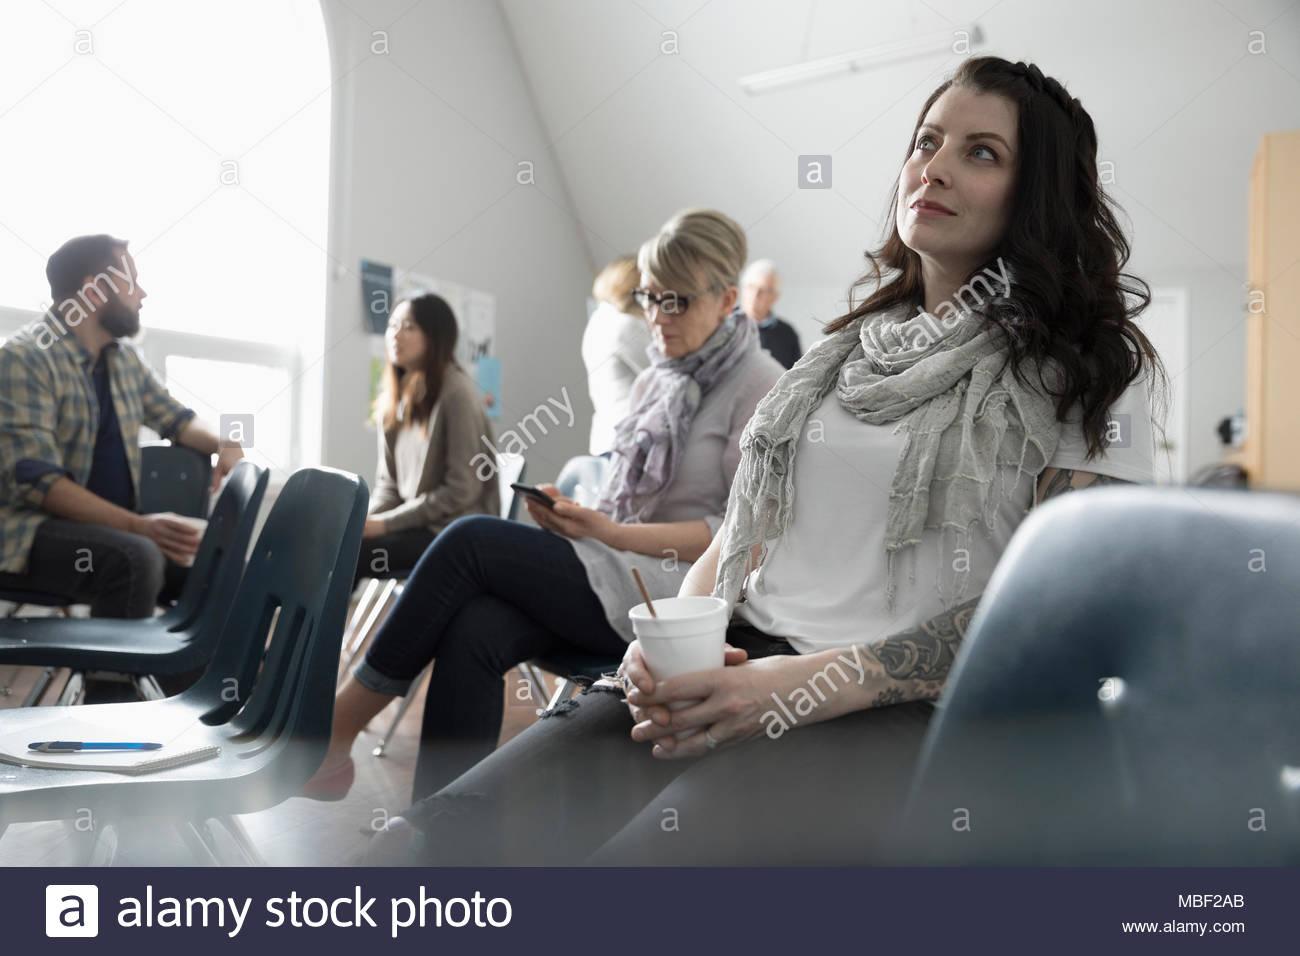 Nachdenkliche Frau trinkt Kaffee und hören bei support group in Community Center Stockbild